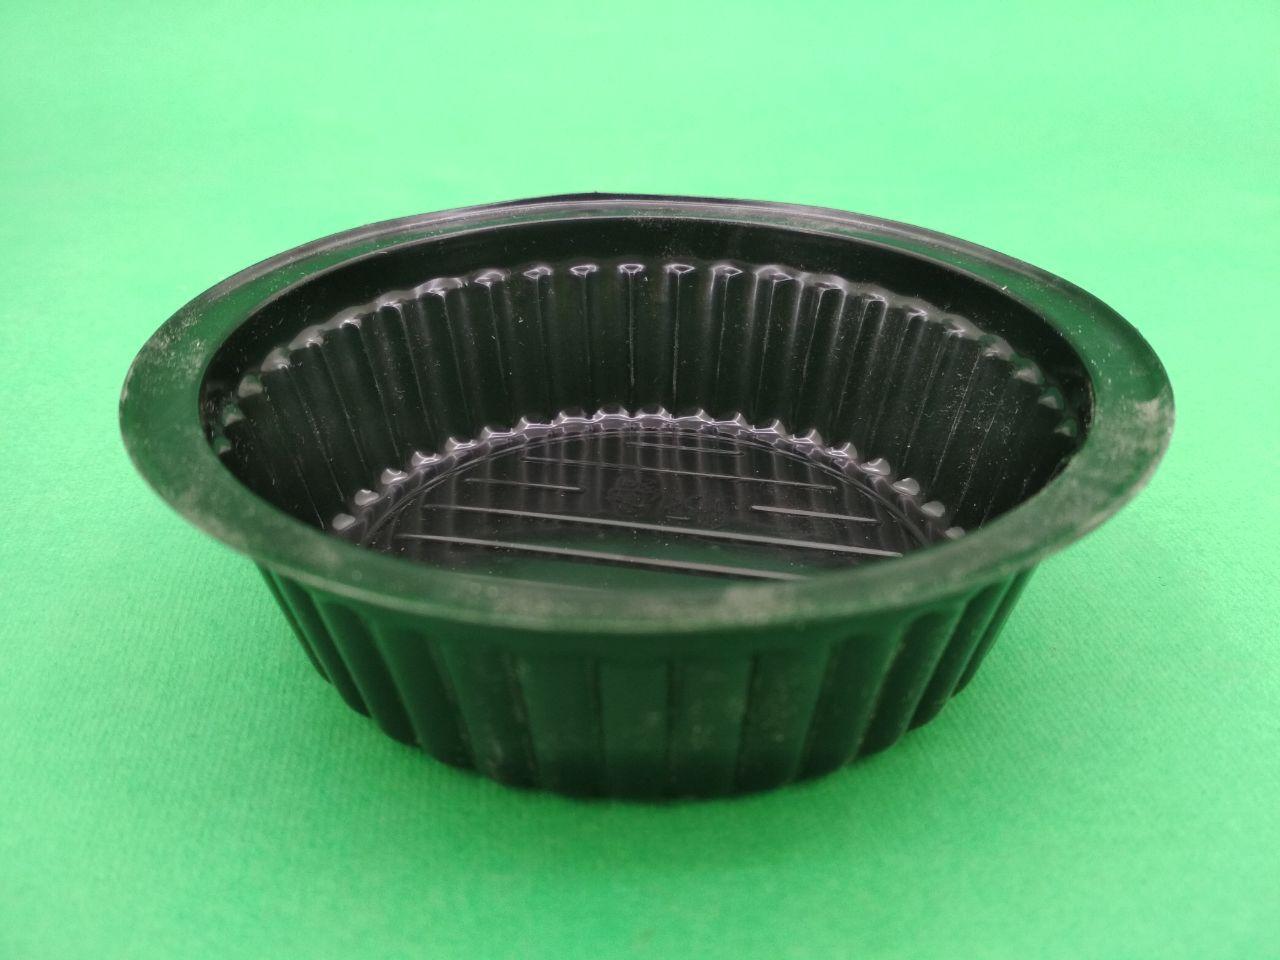 Упаковка для соусов ПС-42Д Черная (100мл) Ф86 уп/50 штук